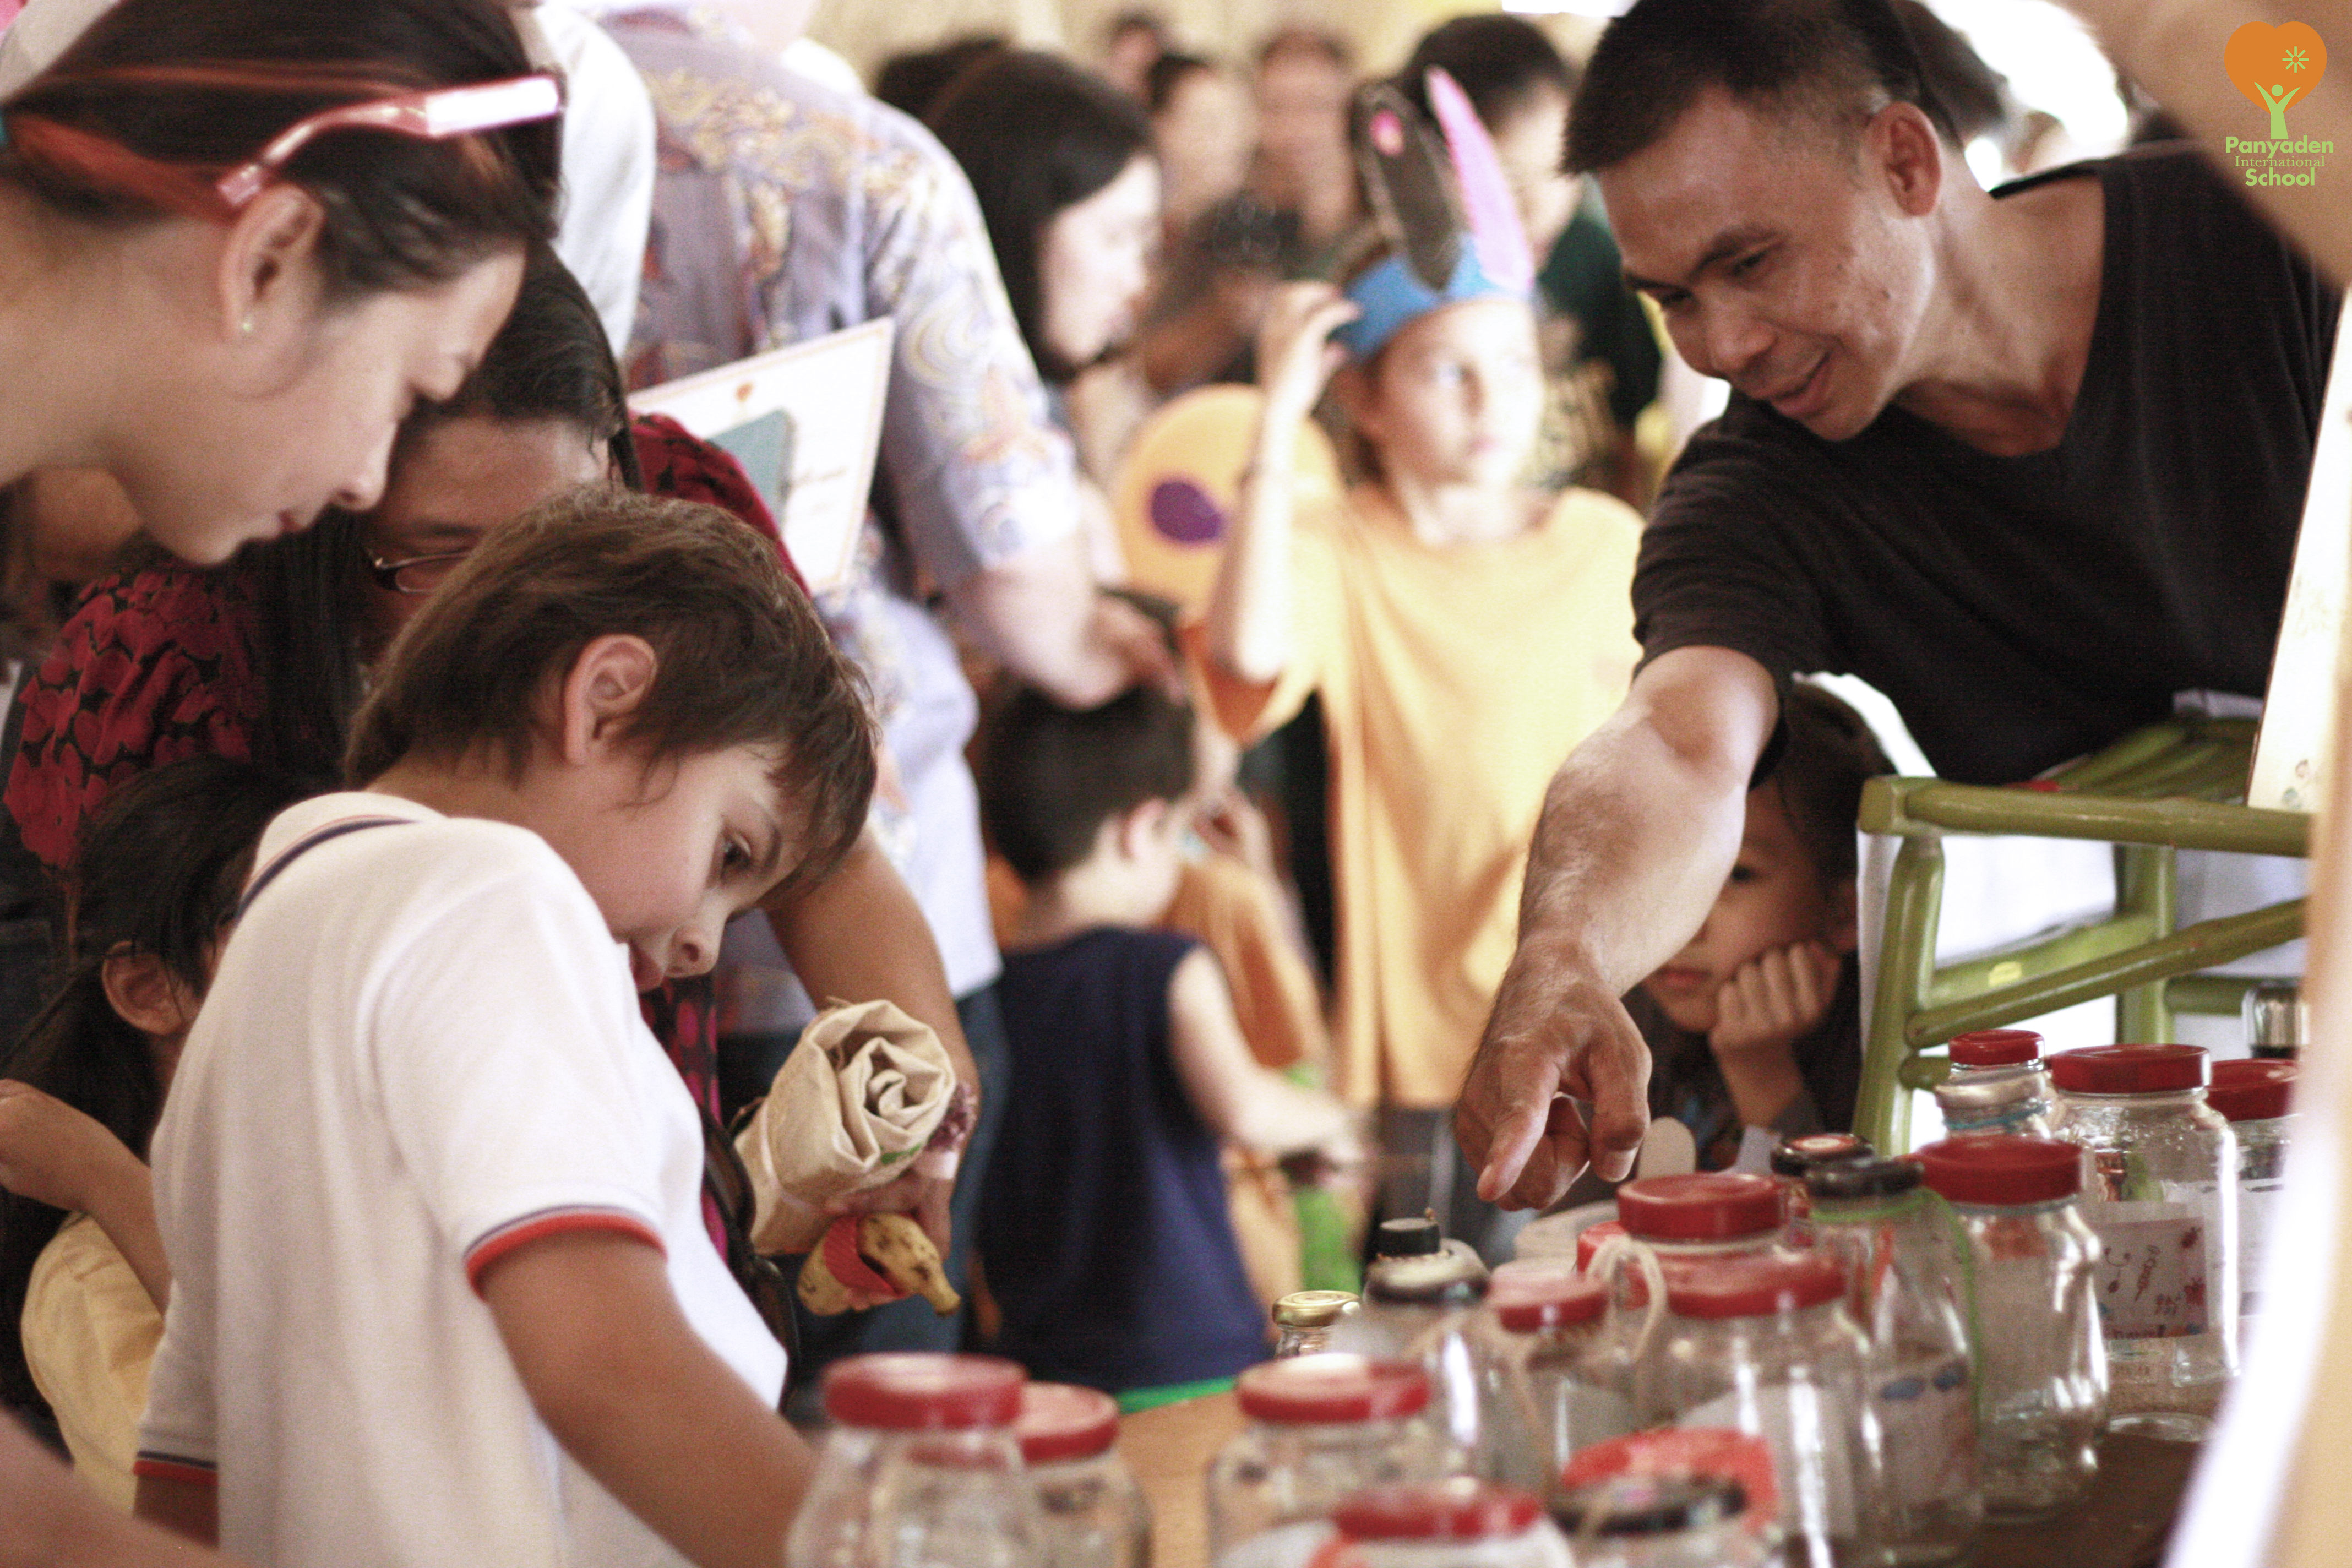 Panyaden student manning stall at Panyaden Blossom Market